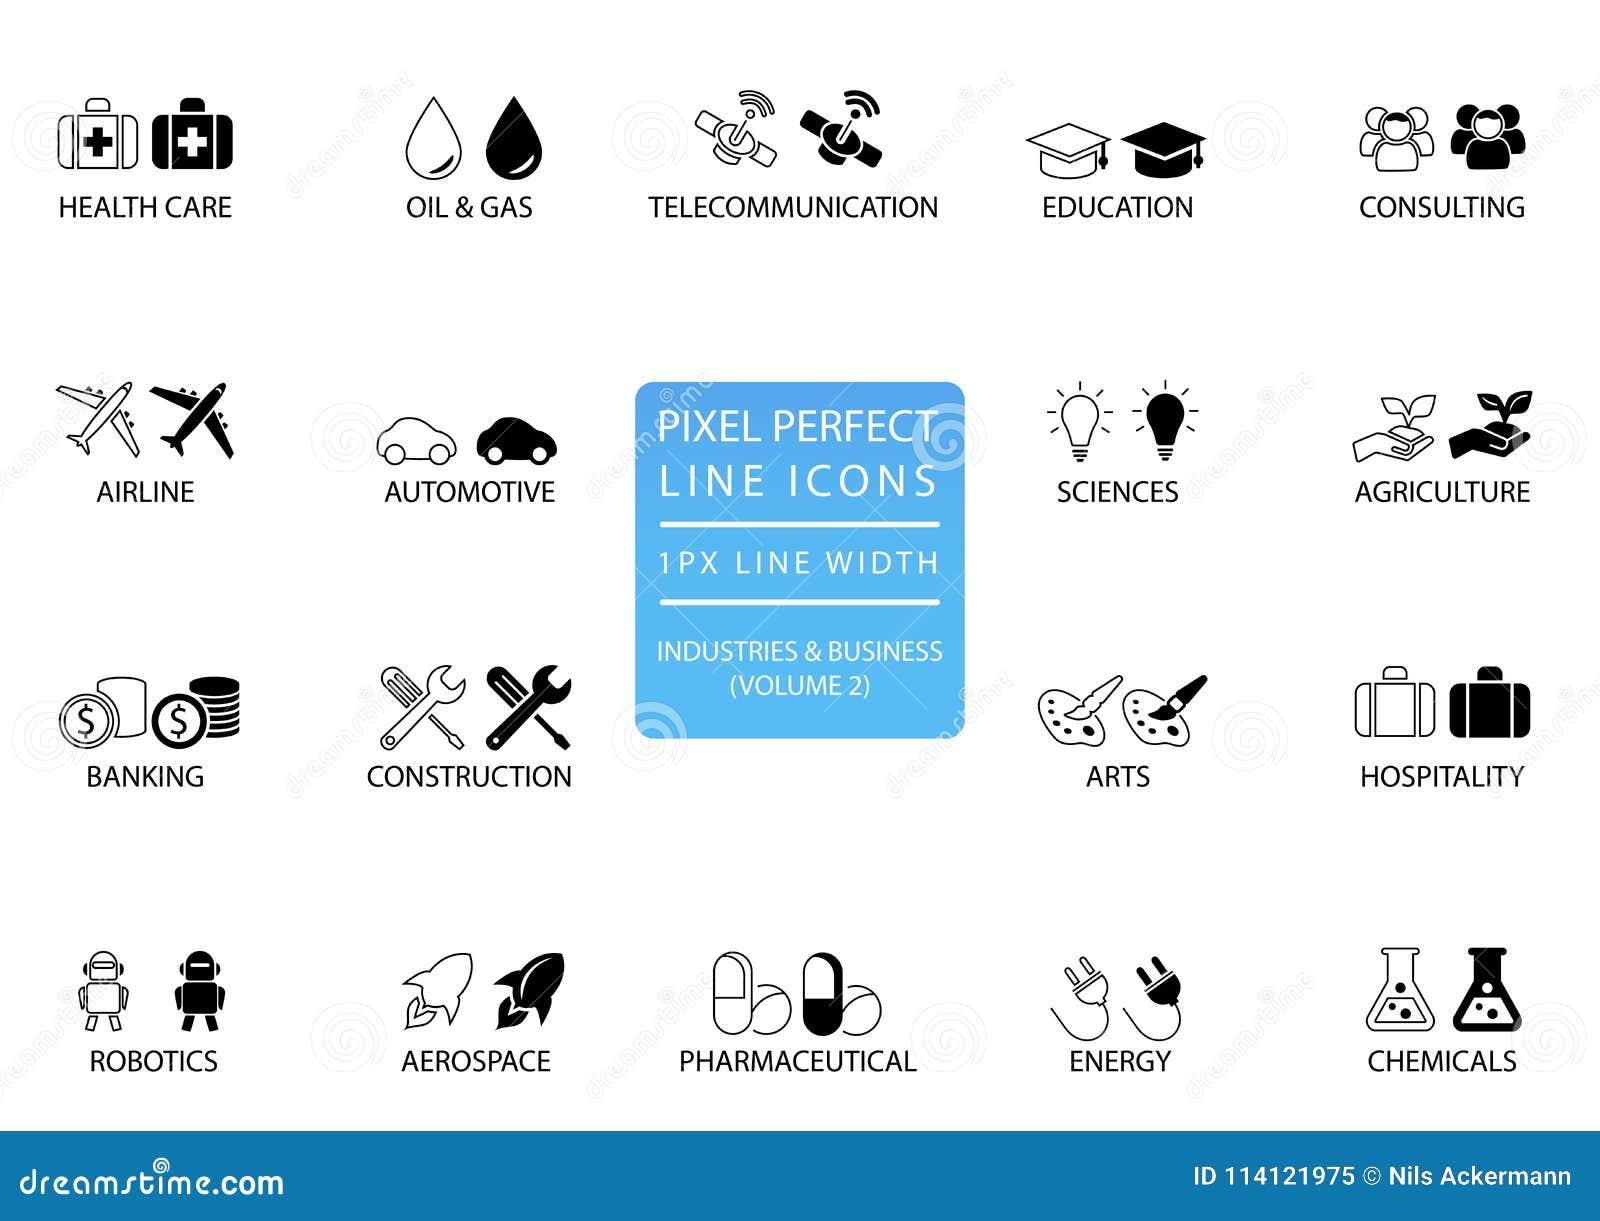 映象点完善的稀薄的线各种各样的产业/企业部门象和标志喜欢电信,化学制品,航空航天,